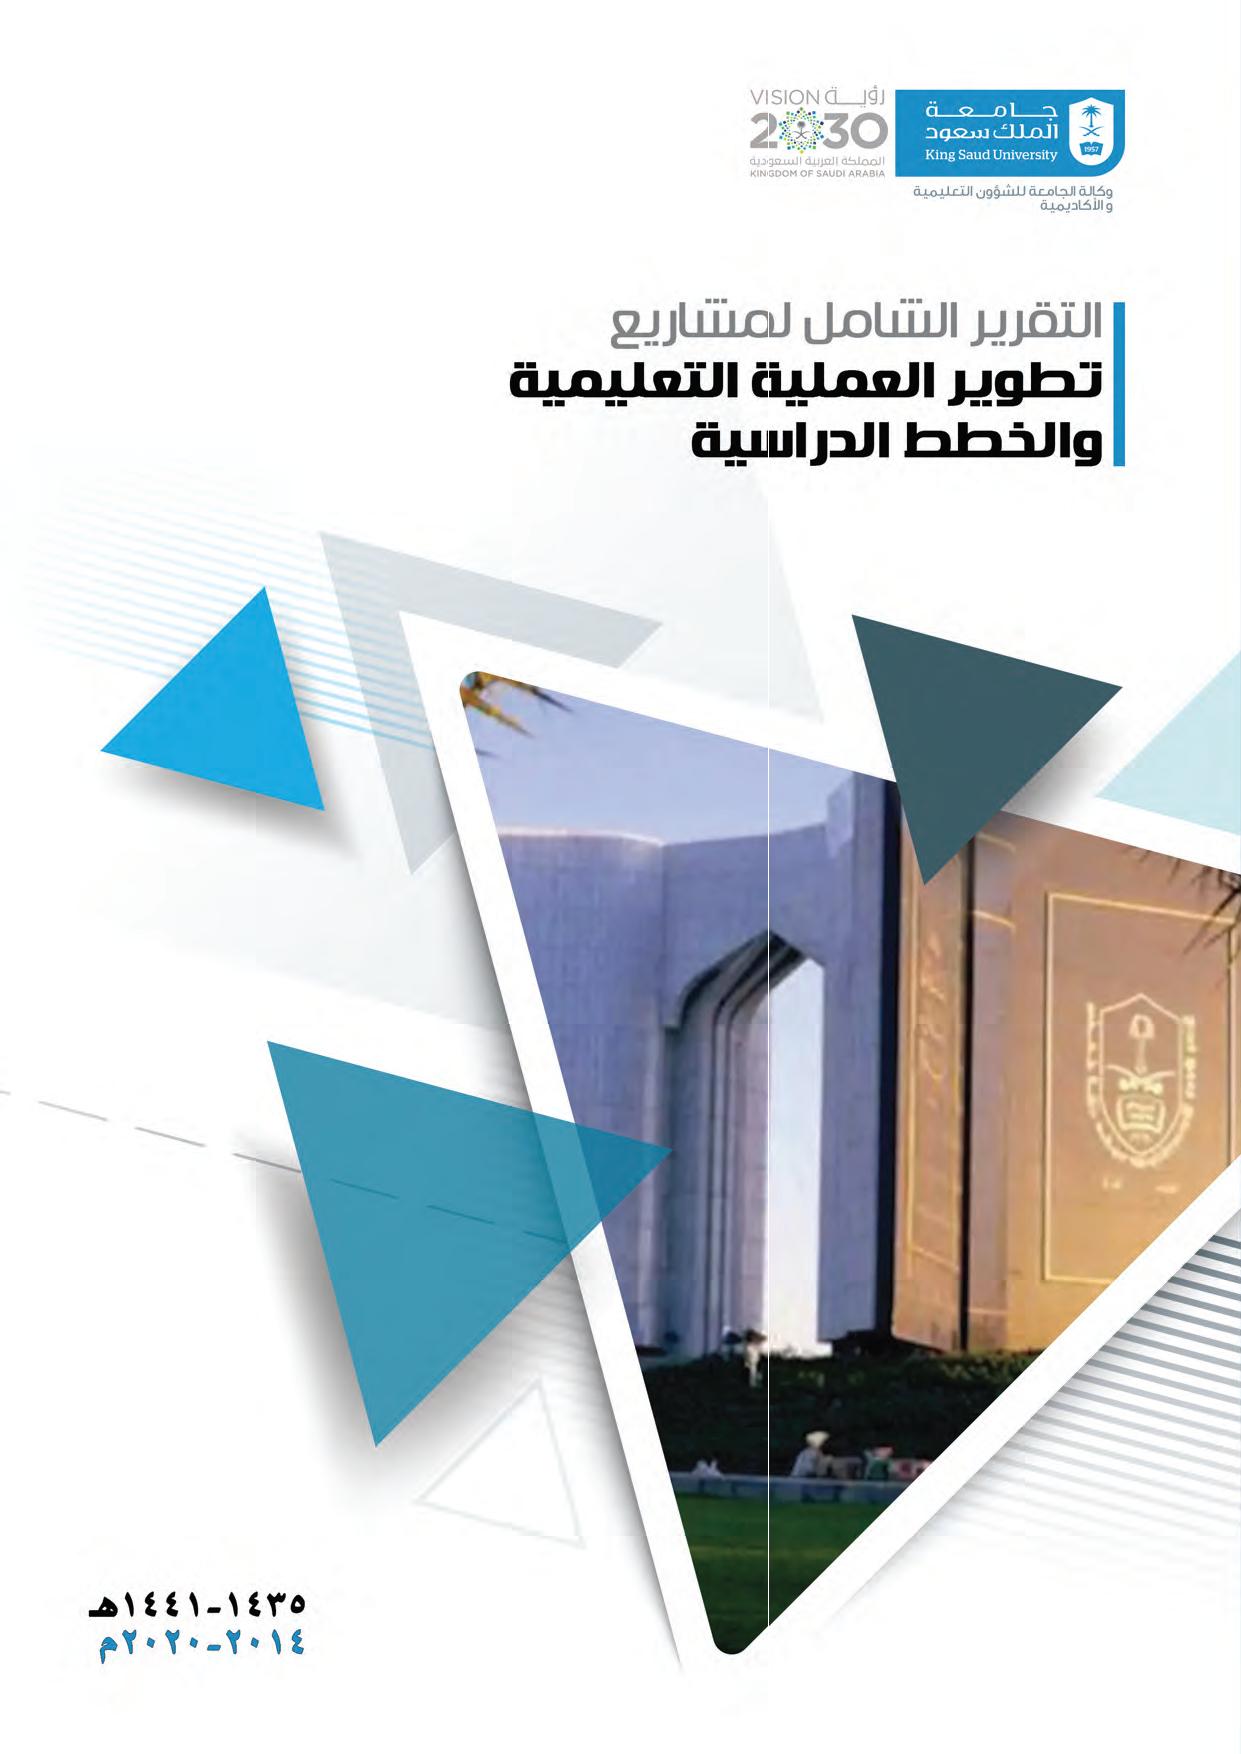 التقرير الشامل لمشاريع تطوير العملية التعليمية والخطط الدراسية